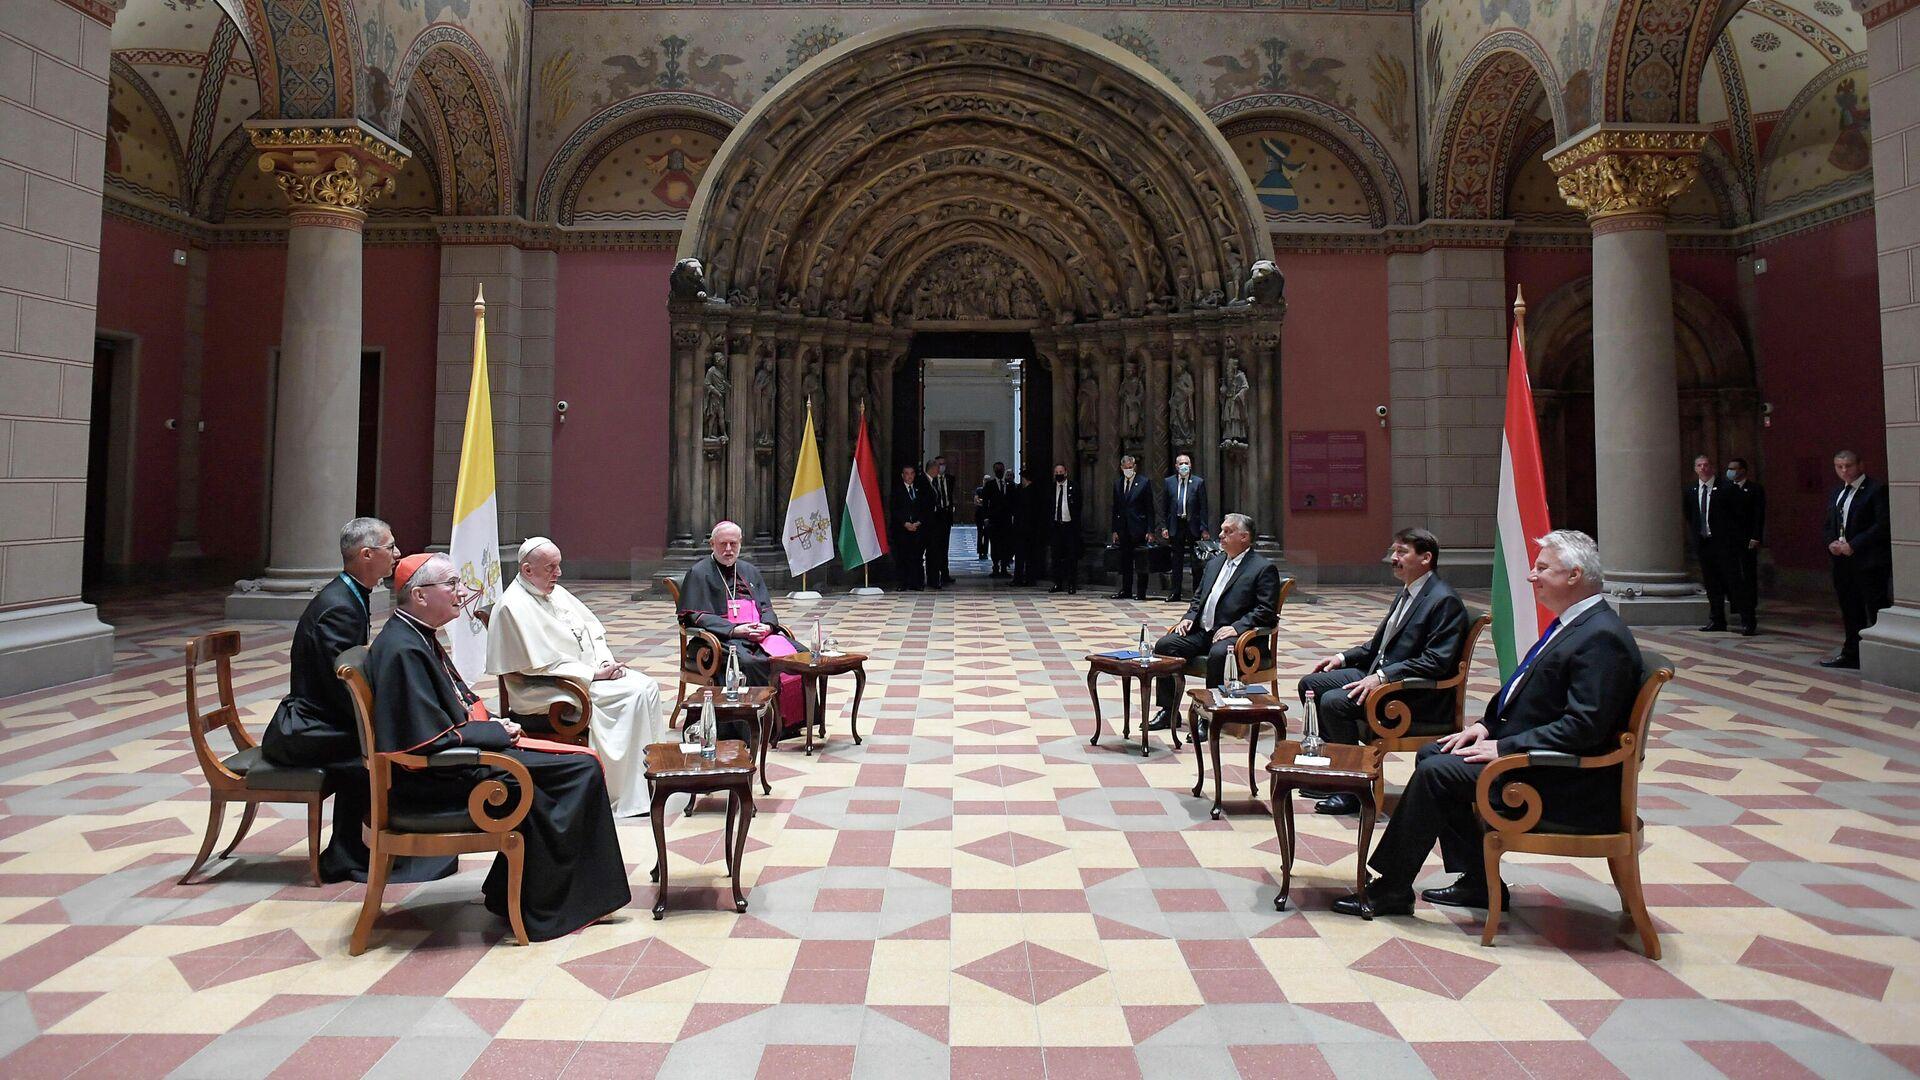 Папа Фрања са мађарским премијером Виктором Орбаном и председником Јаношем Адером у Будимпешти - Sputnik Србија, 1920, 12.09.2021